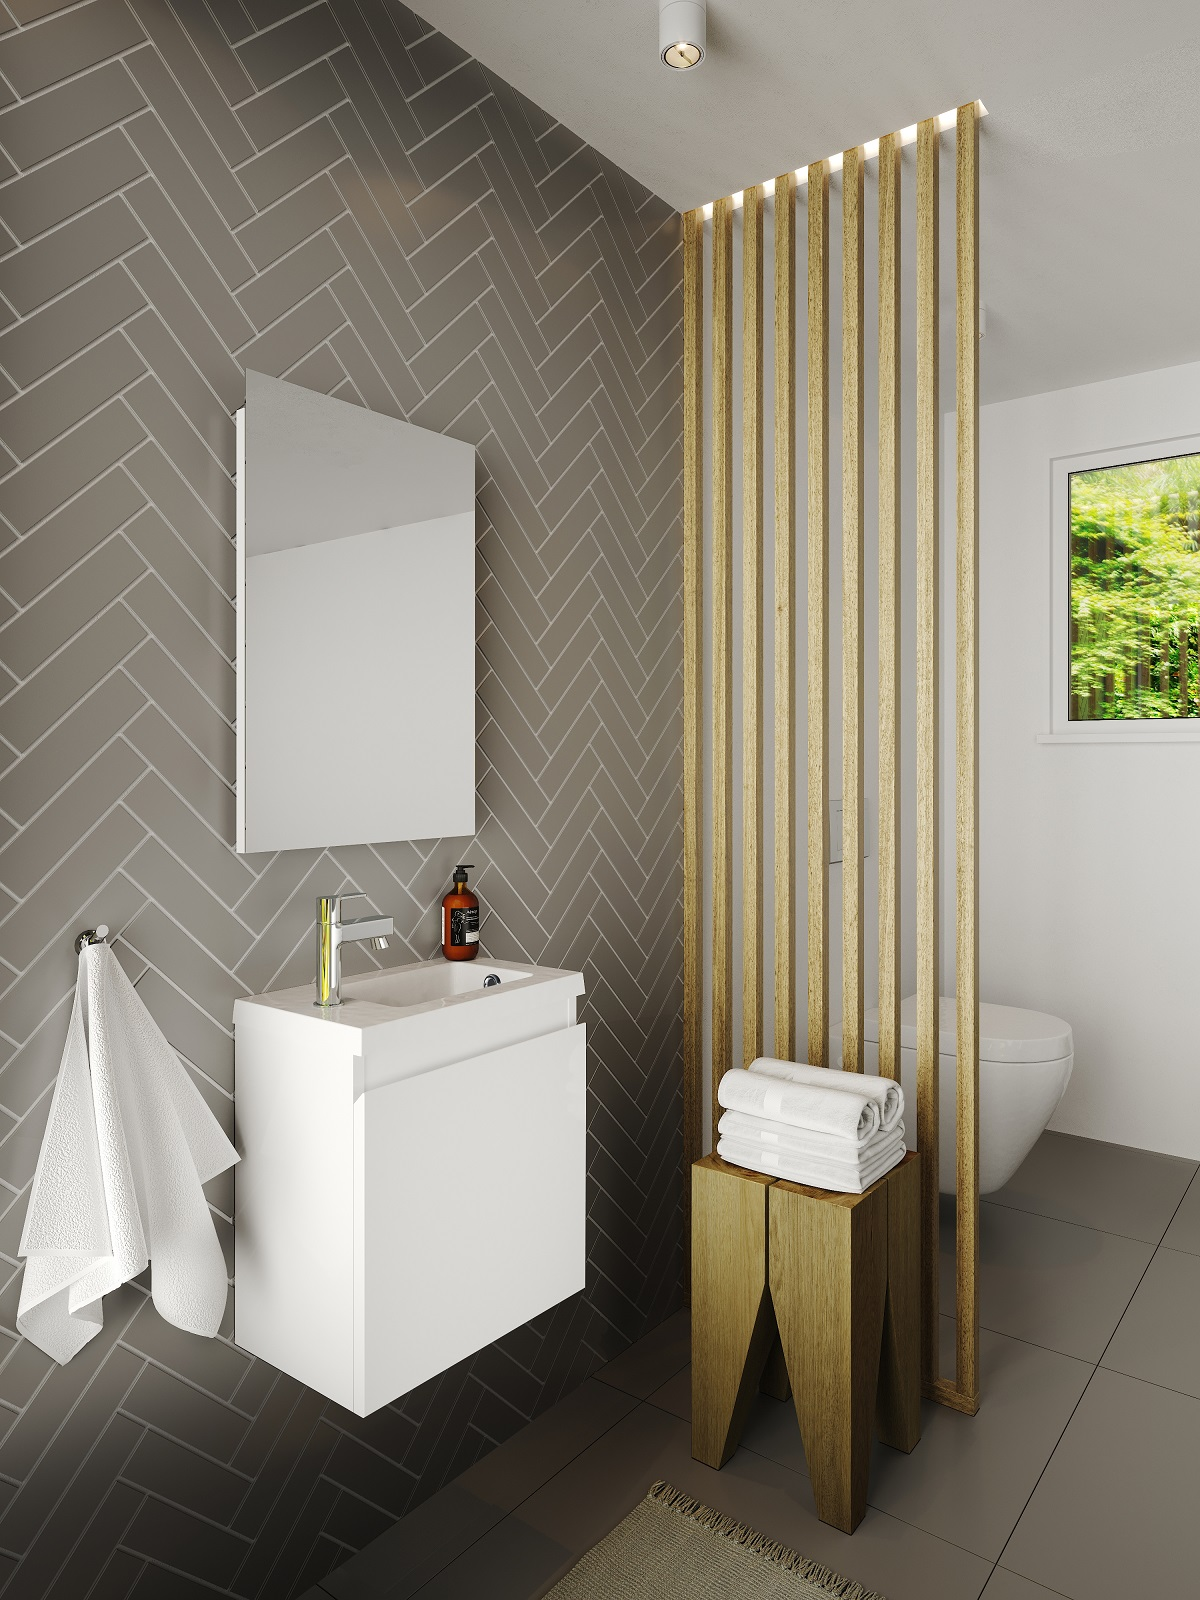 Badmöbel Set Unterschrank 40 cm Waschtisch Spiegel vormontiert grifflos ALLIBERT